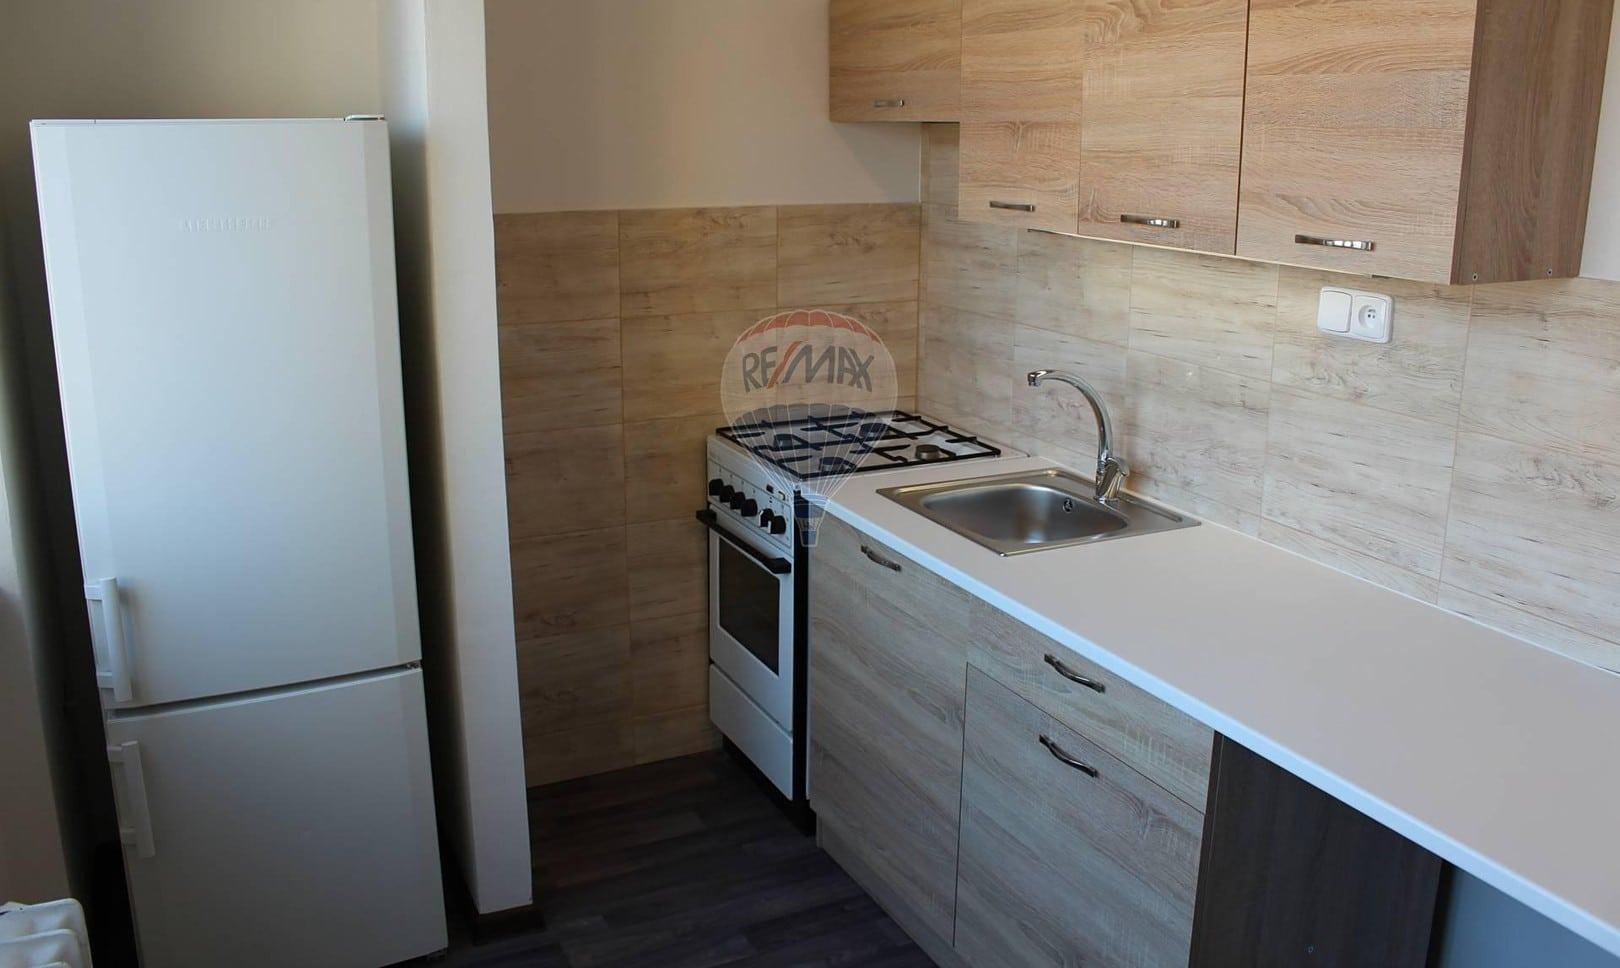 למכירה דירת 2+1 בשטח של 52 מר בפראג 9 (2)